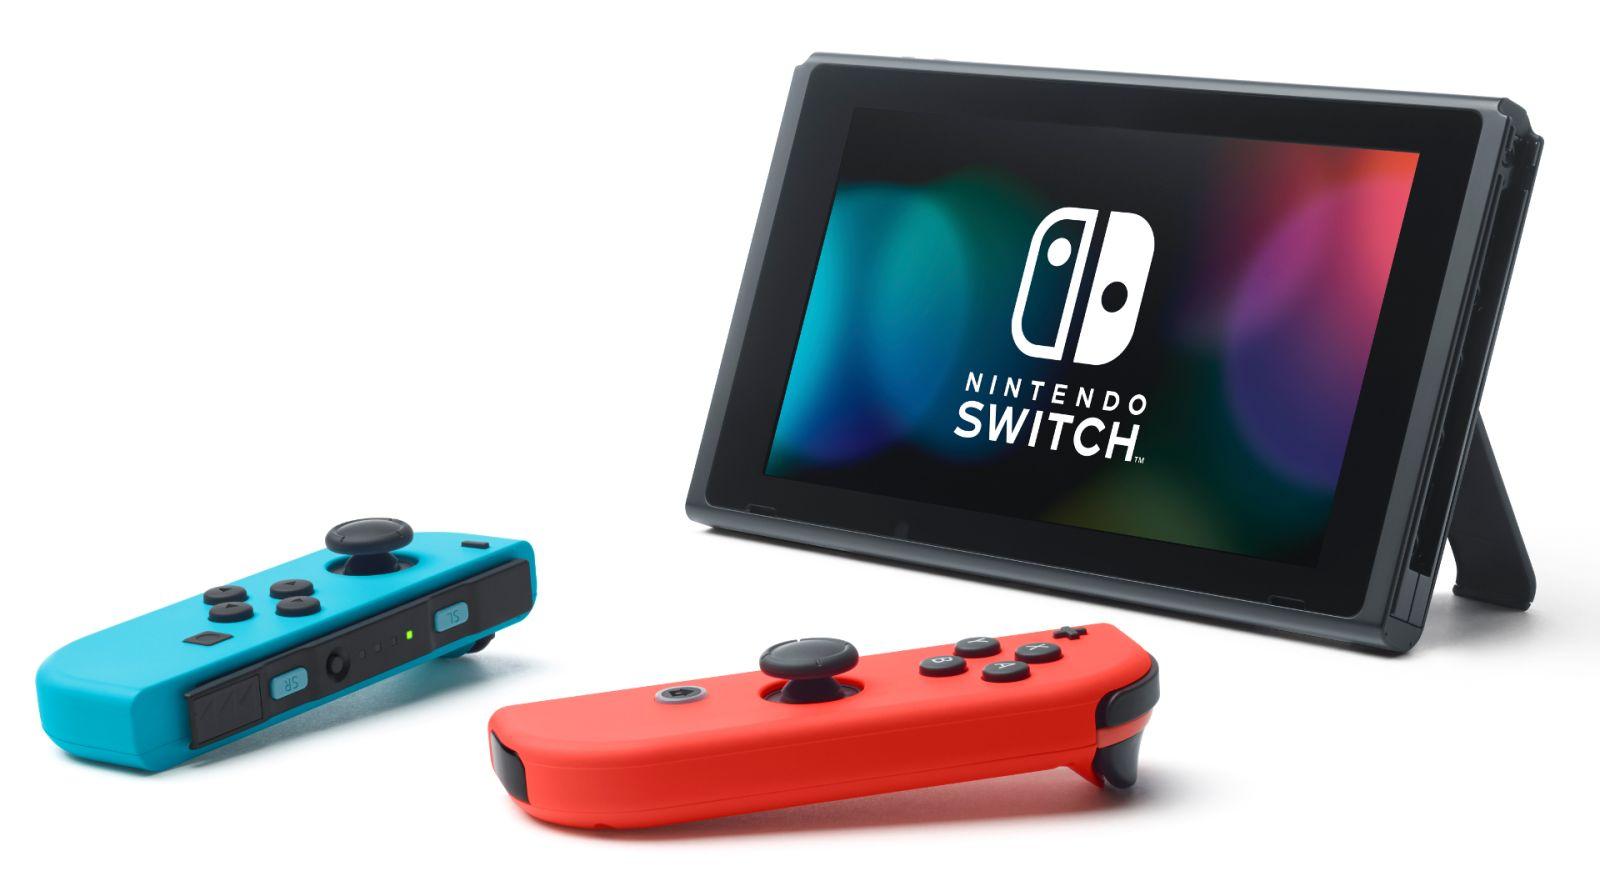 NintendoSwitch_hardware_Console_01-2.0.0